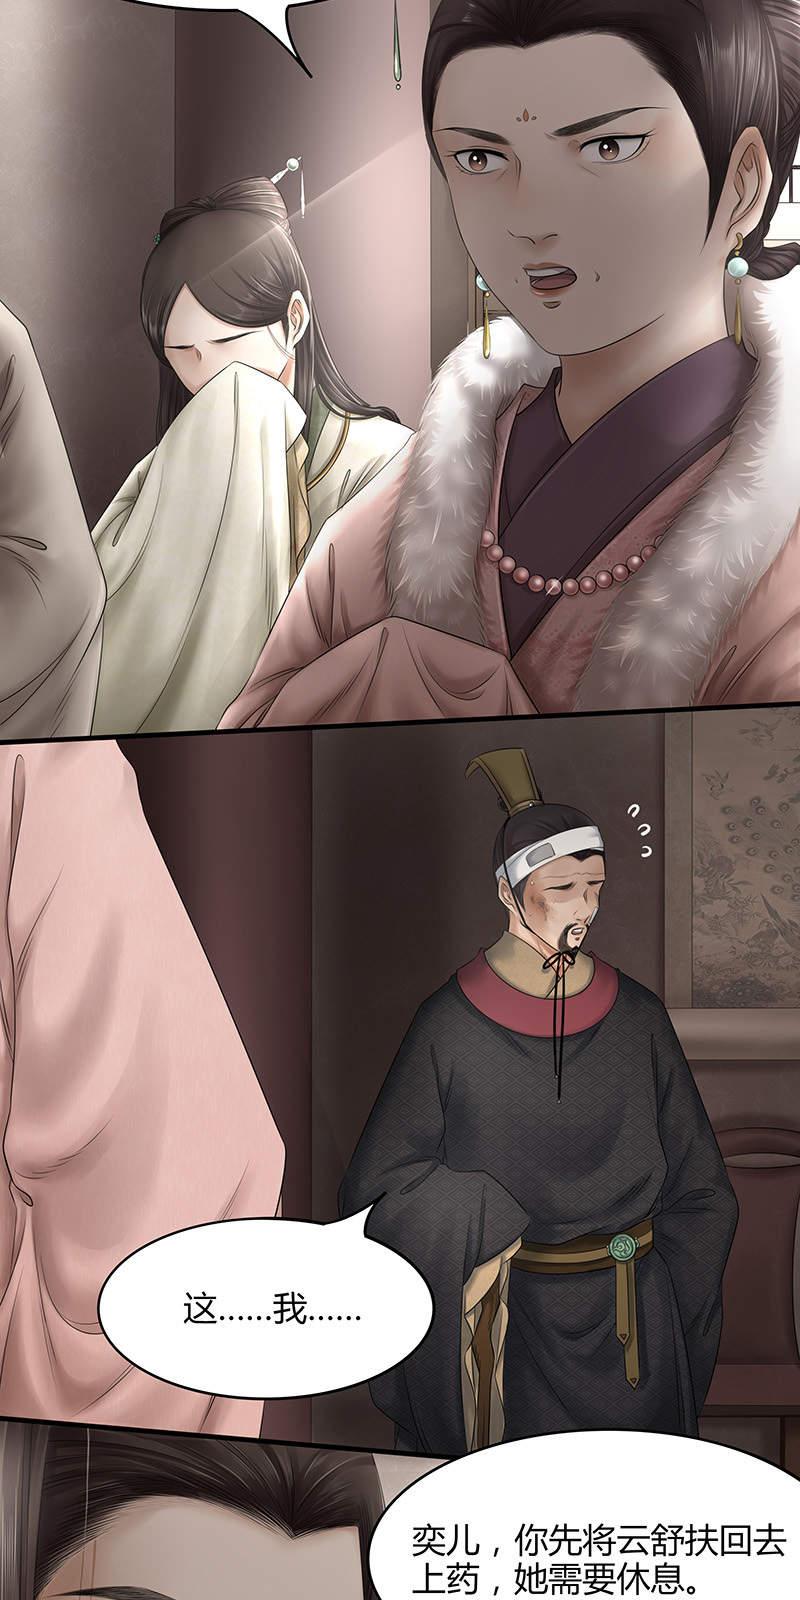 画骨女仵作第49话  嫡庶 第 5